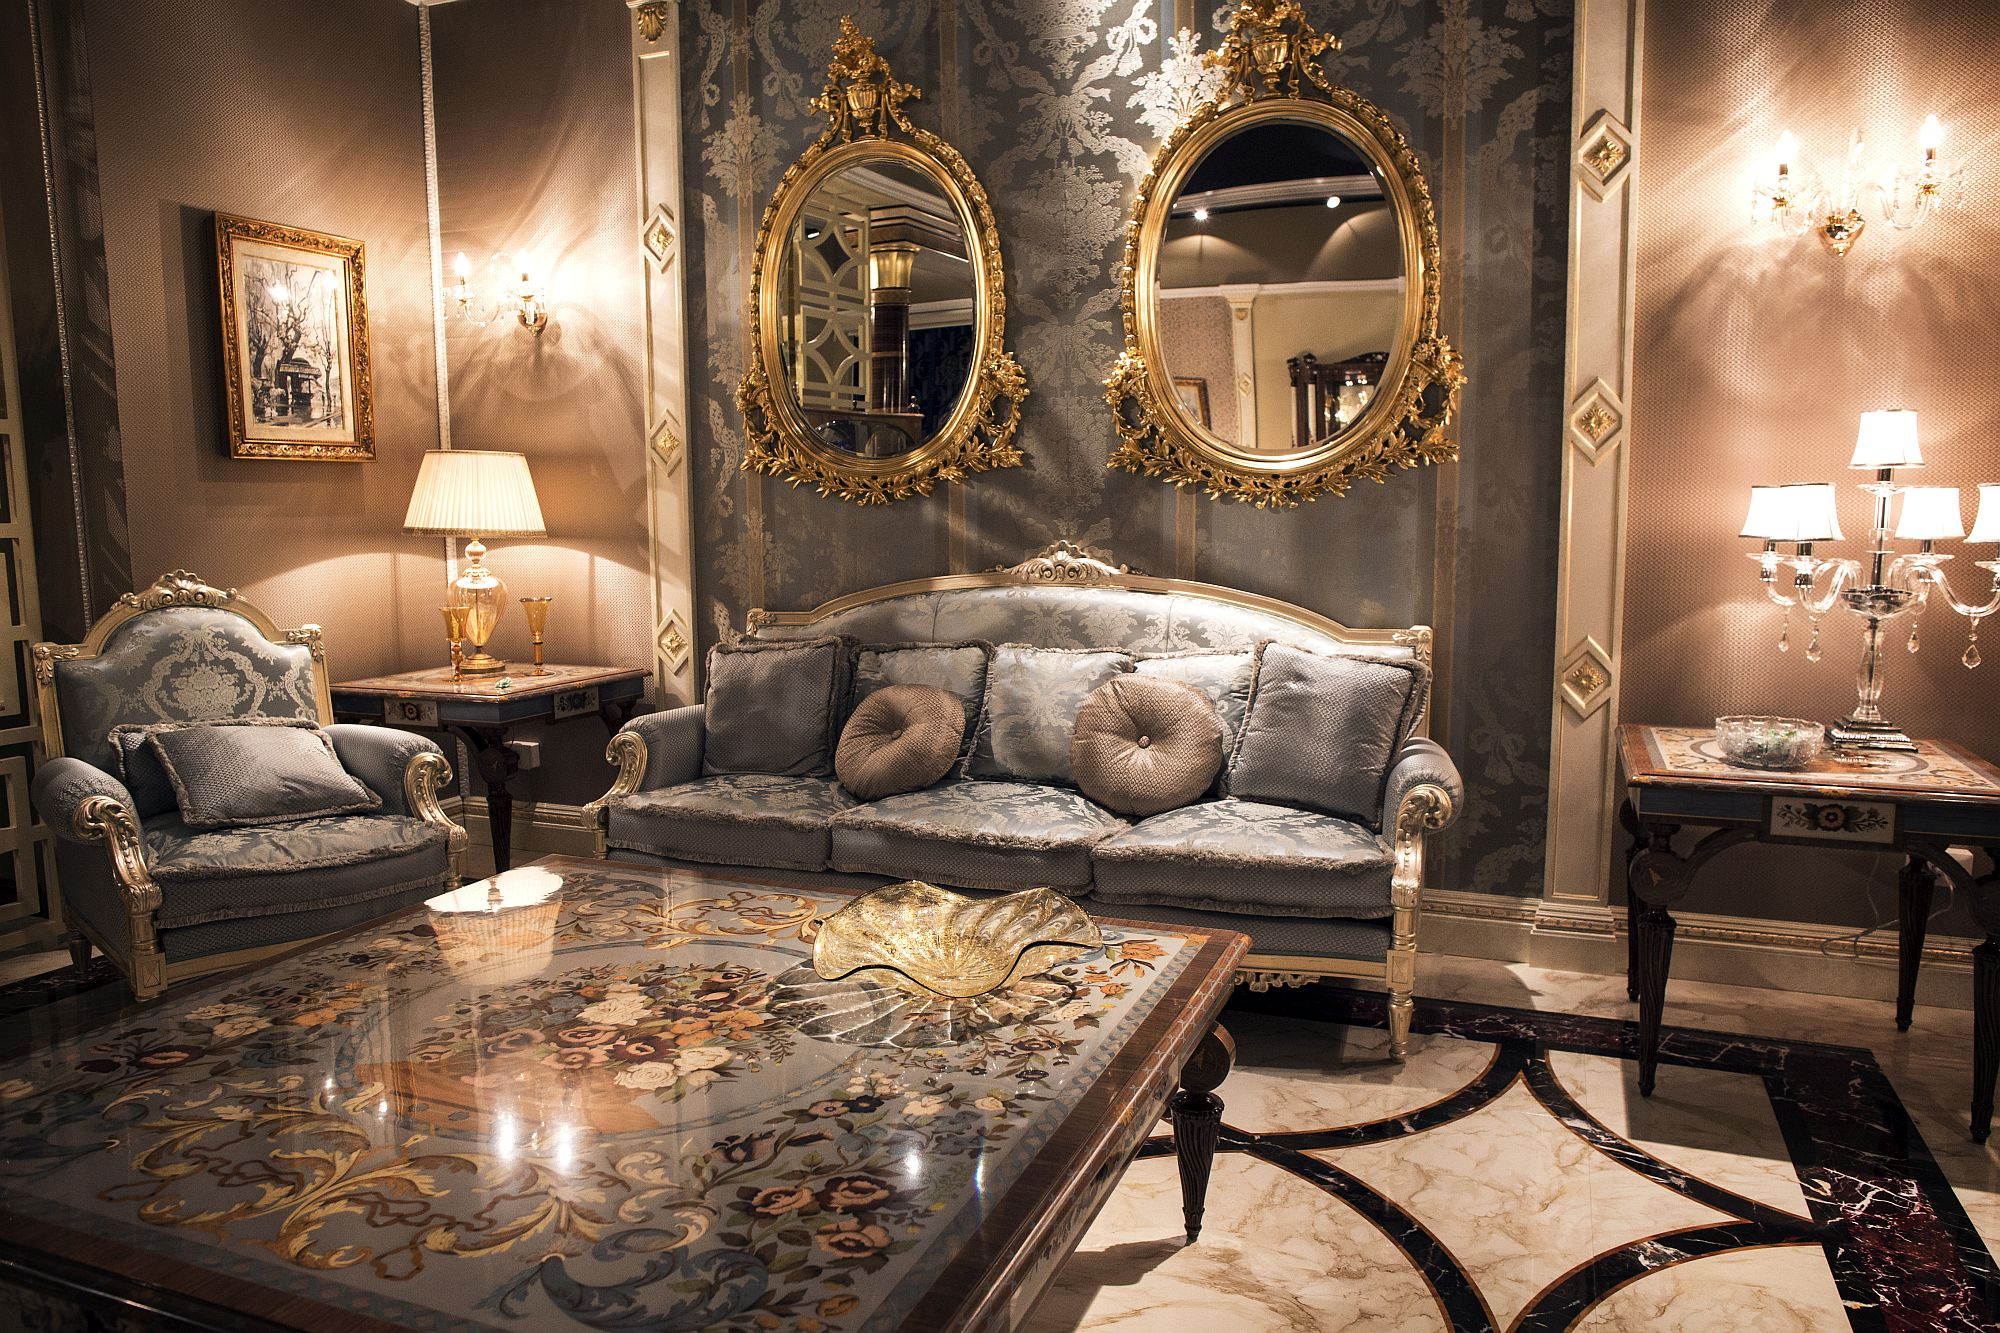 Opulent-interiors-fromMinotti-Luigi-Benigno